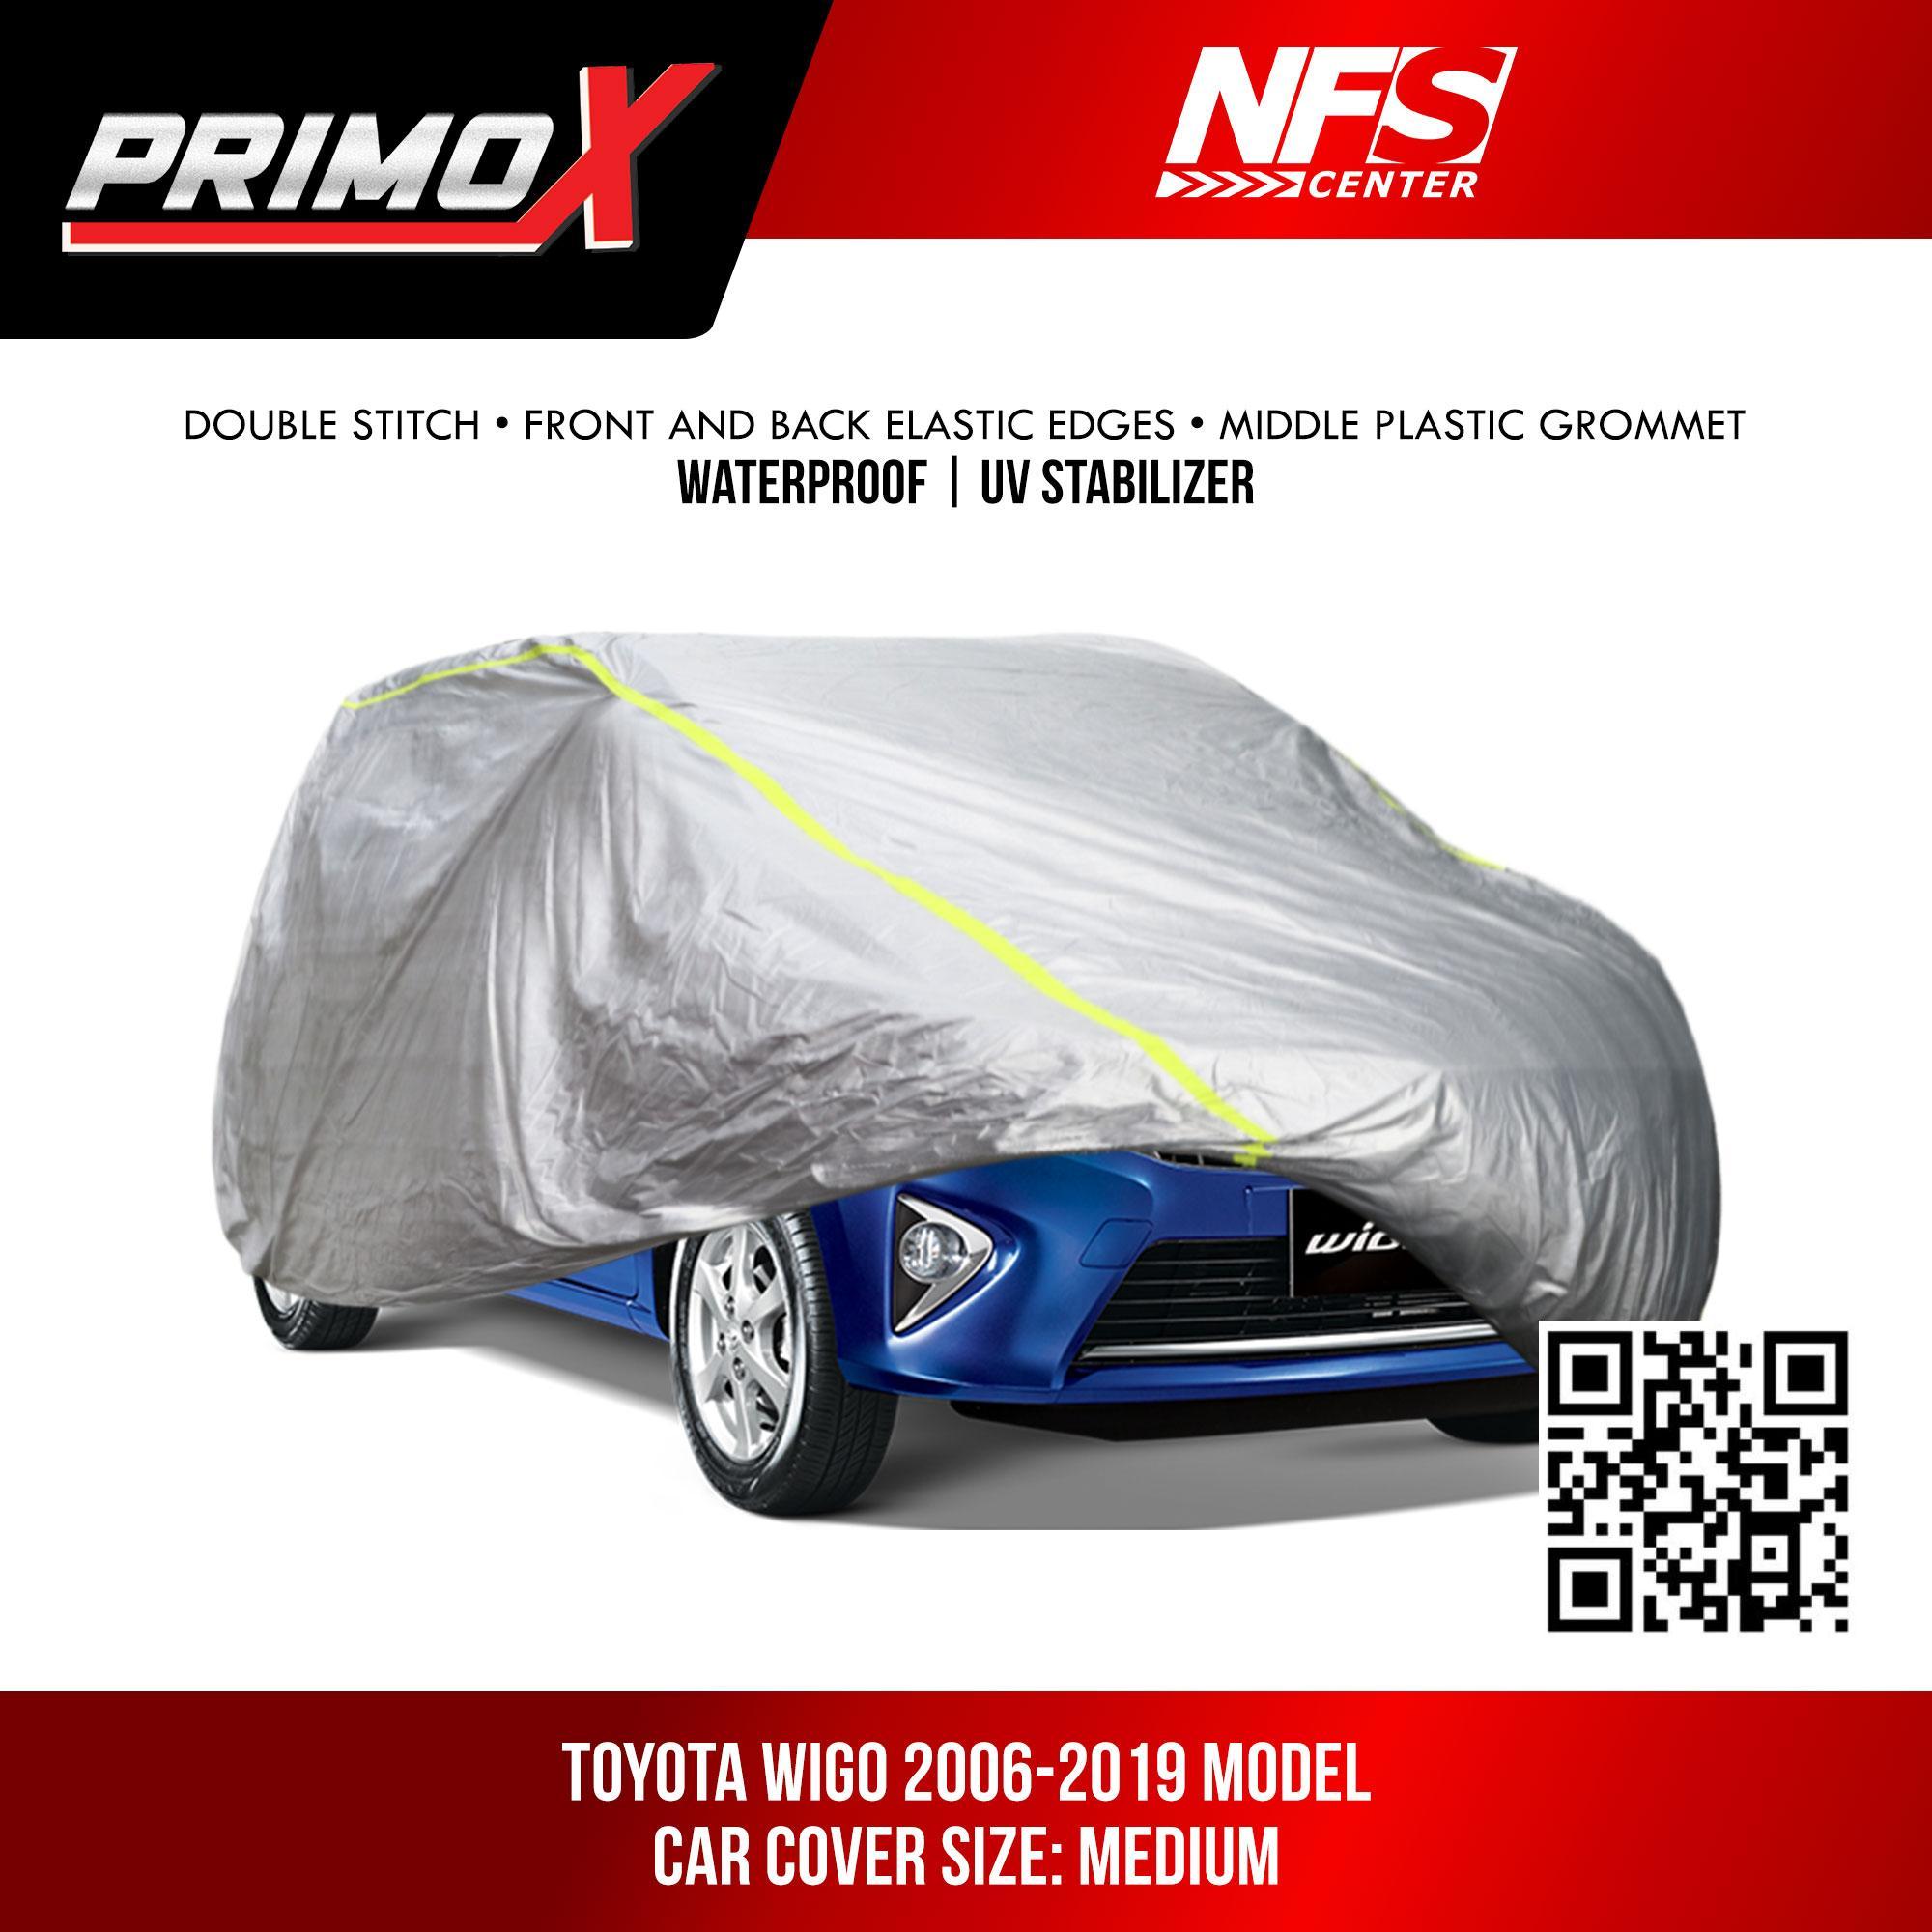 Waterproof Aluminum Car Cover for Toyota Wigo